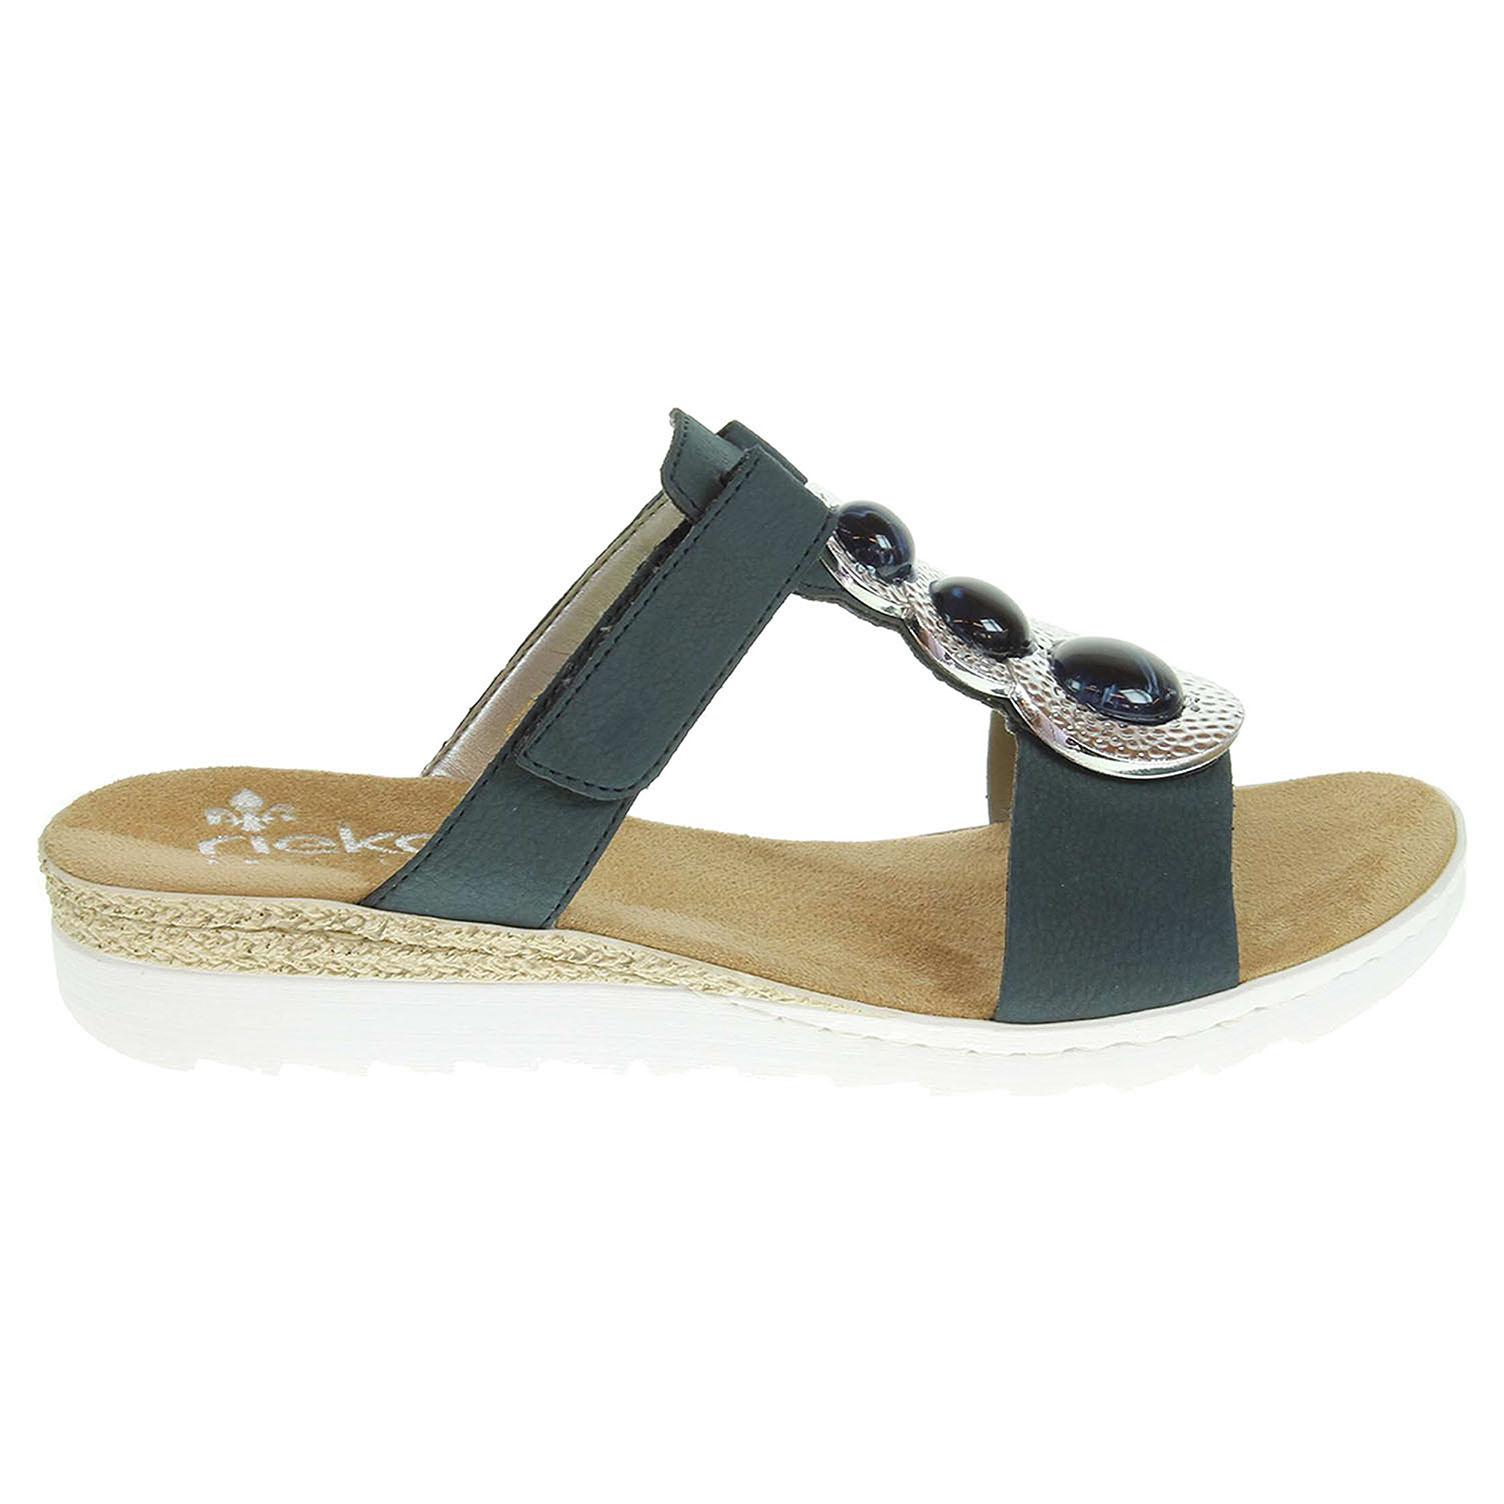 Ecco Rieker dámské pantofle 63064-14 modré 23600790